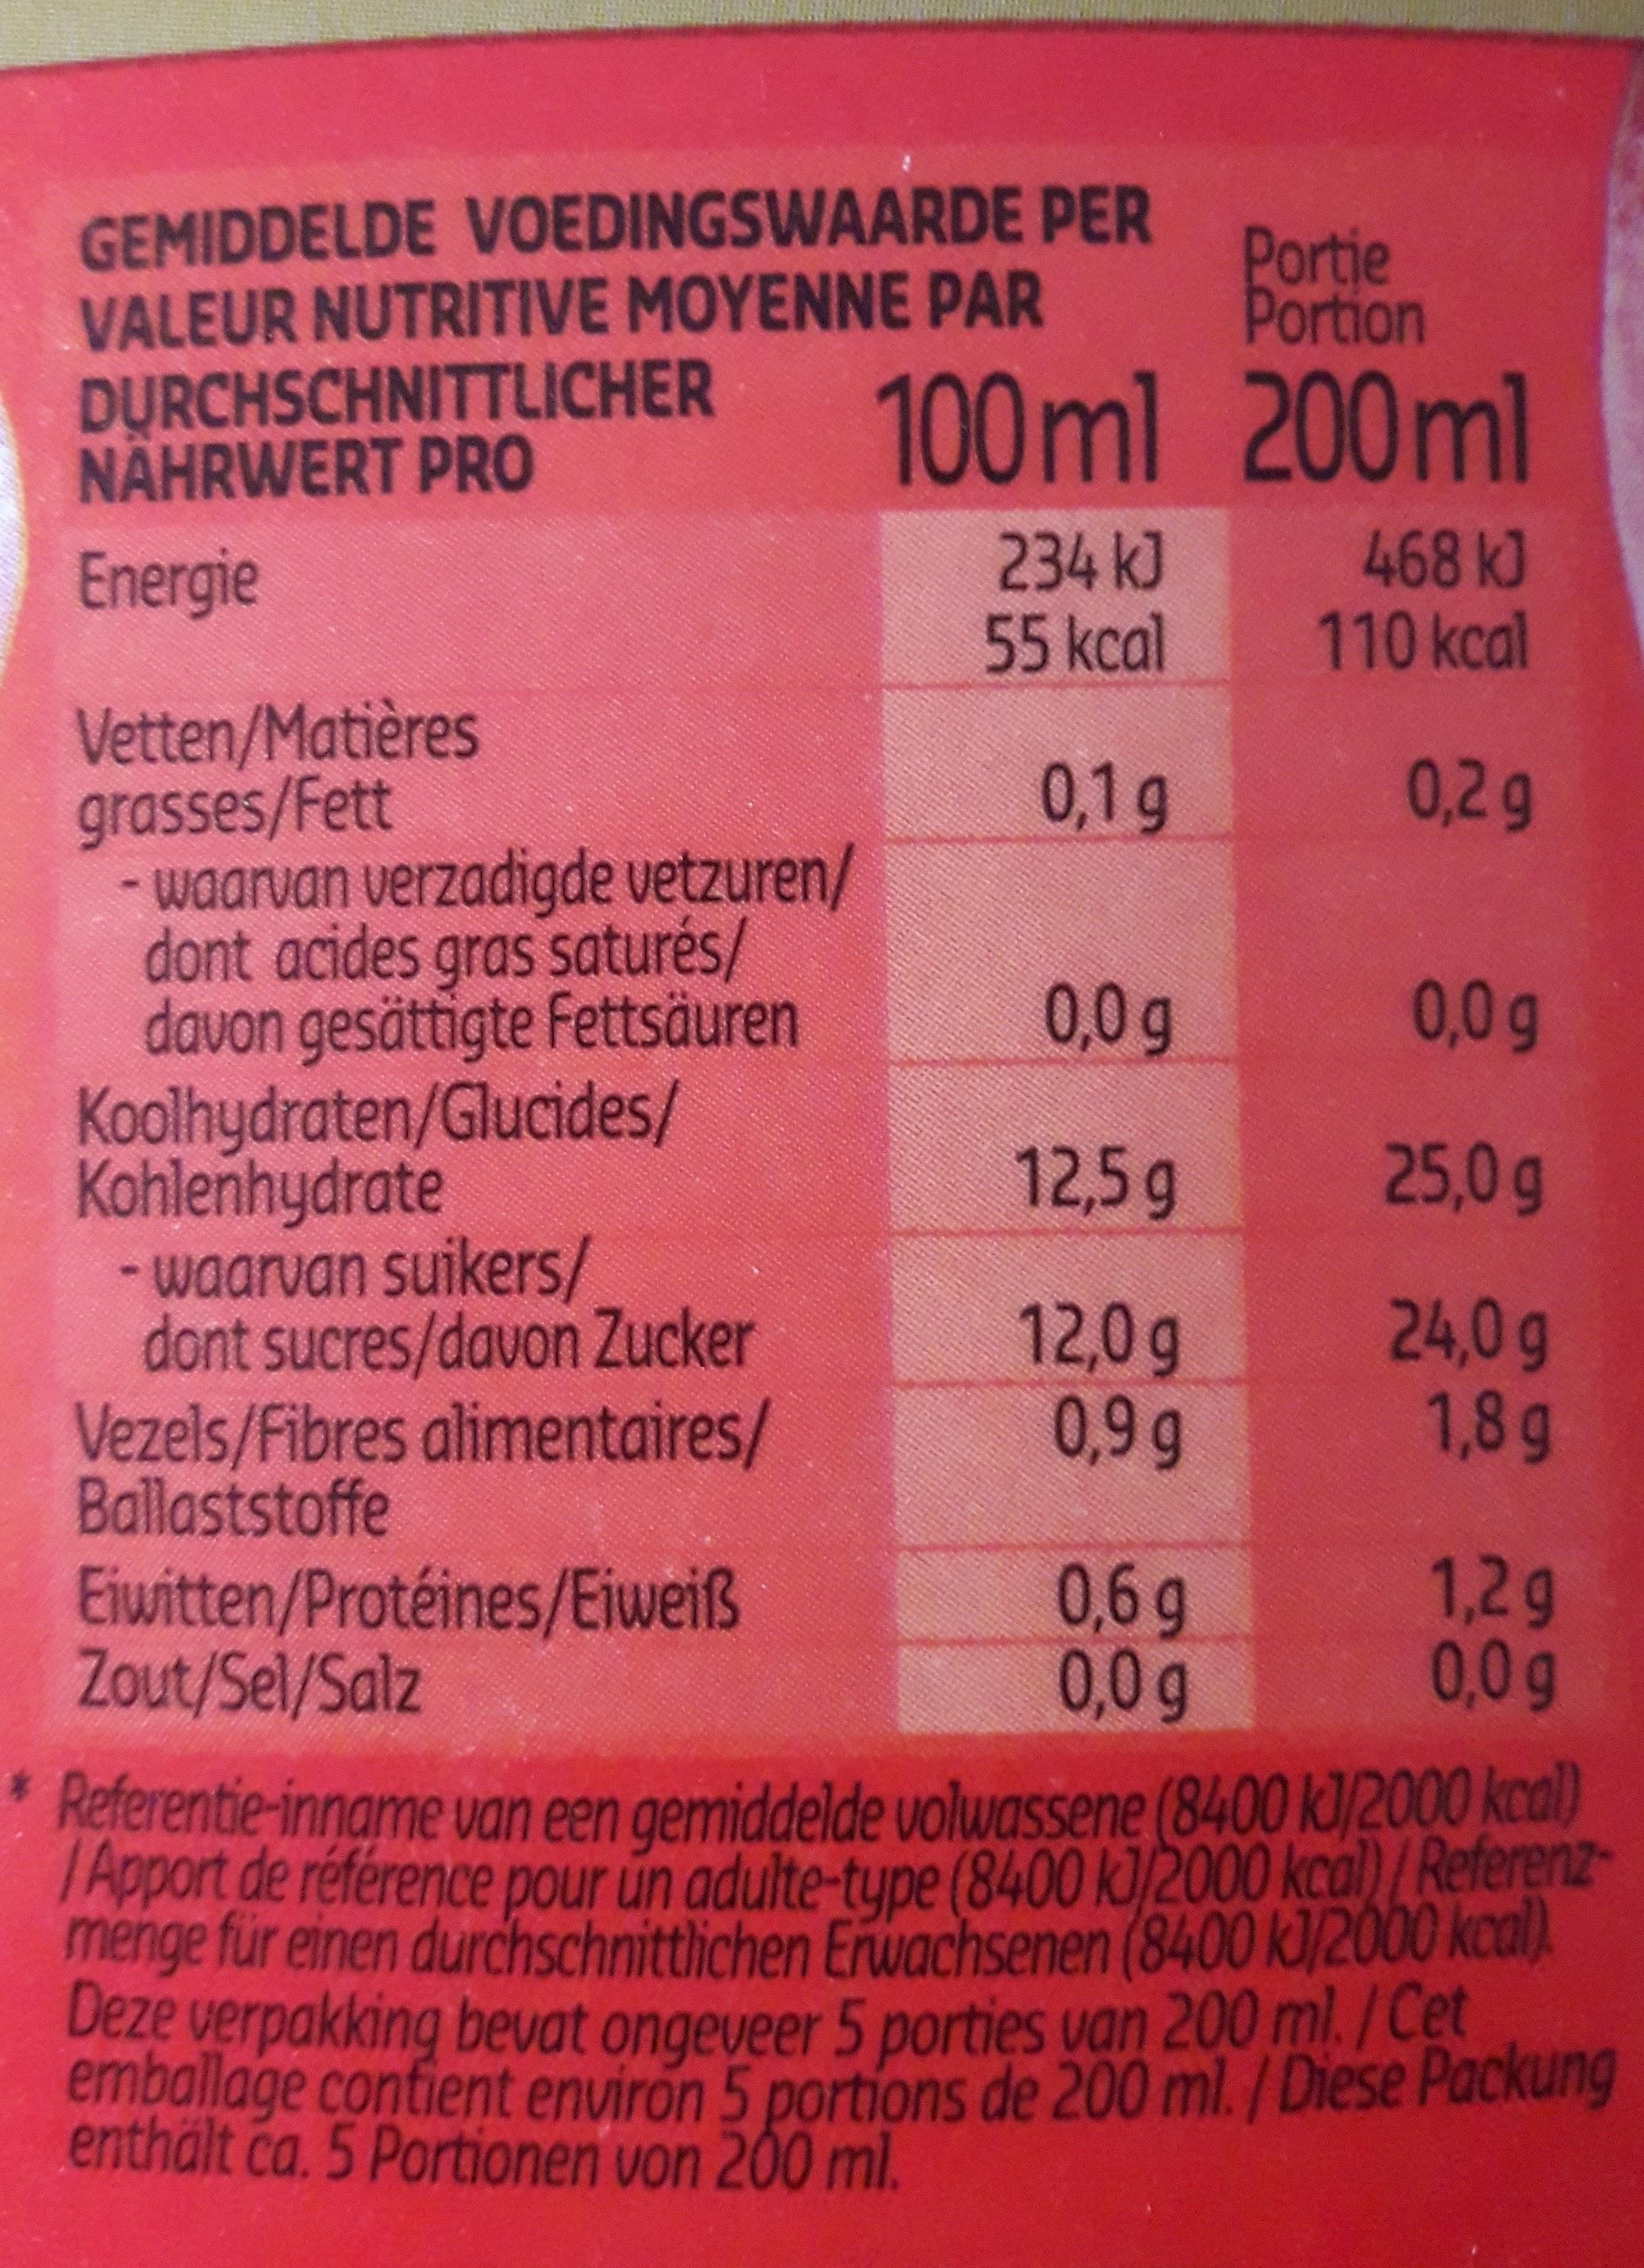 Super Fruit - Jus de fruit grenade - Informations nutritionnelles